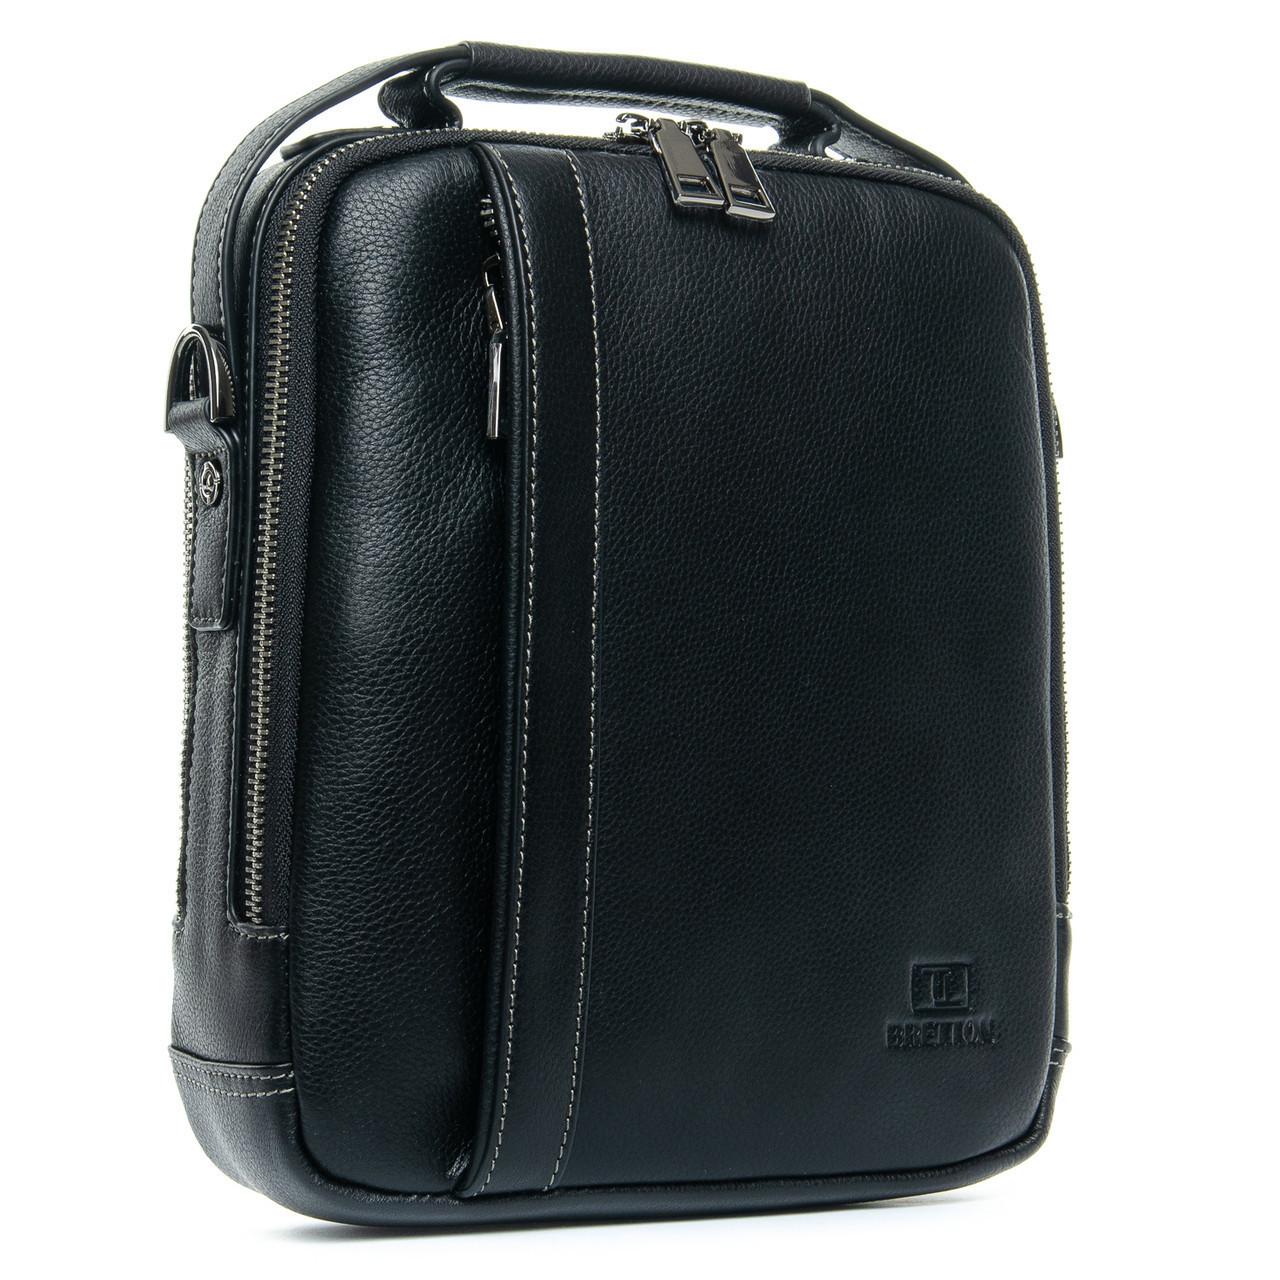 Стильная мужская сумка-планшет BRETTON из натуральной кожи